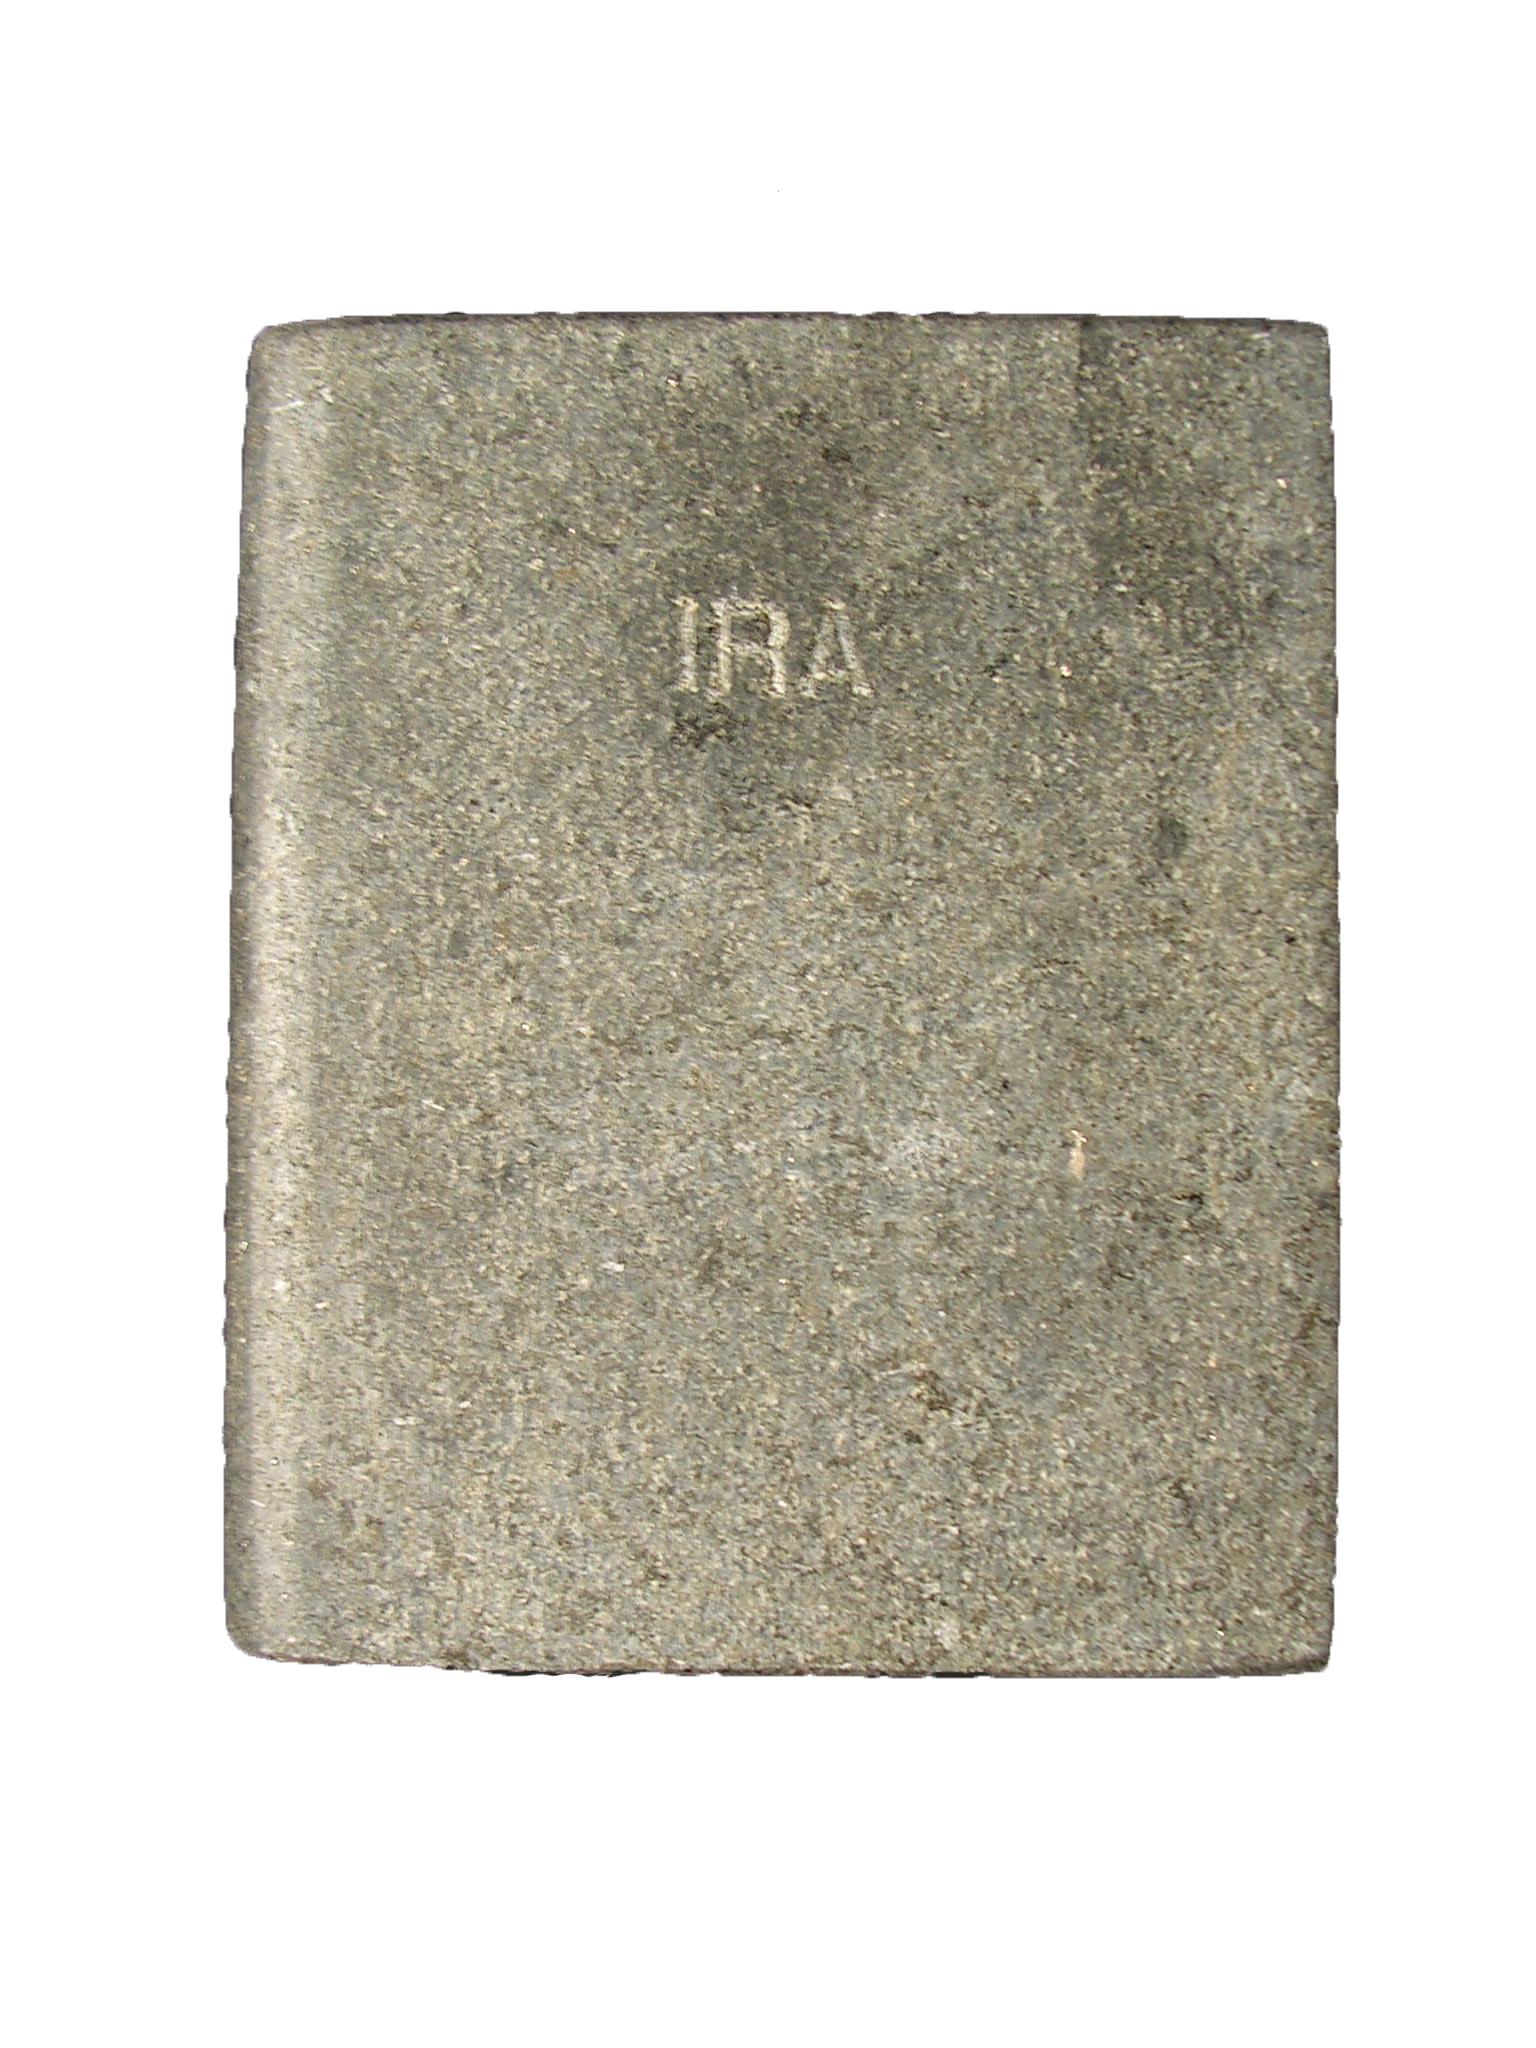 Ira Los siete pecados capitales libro en mármoñl negro brasil 18x3x15cm 1984